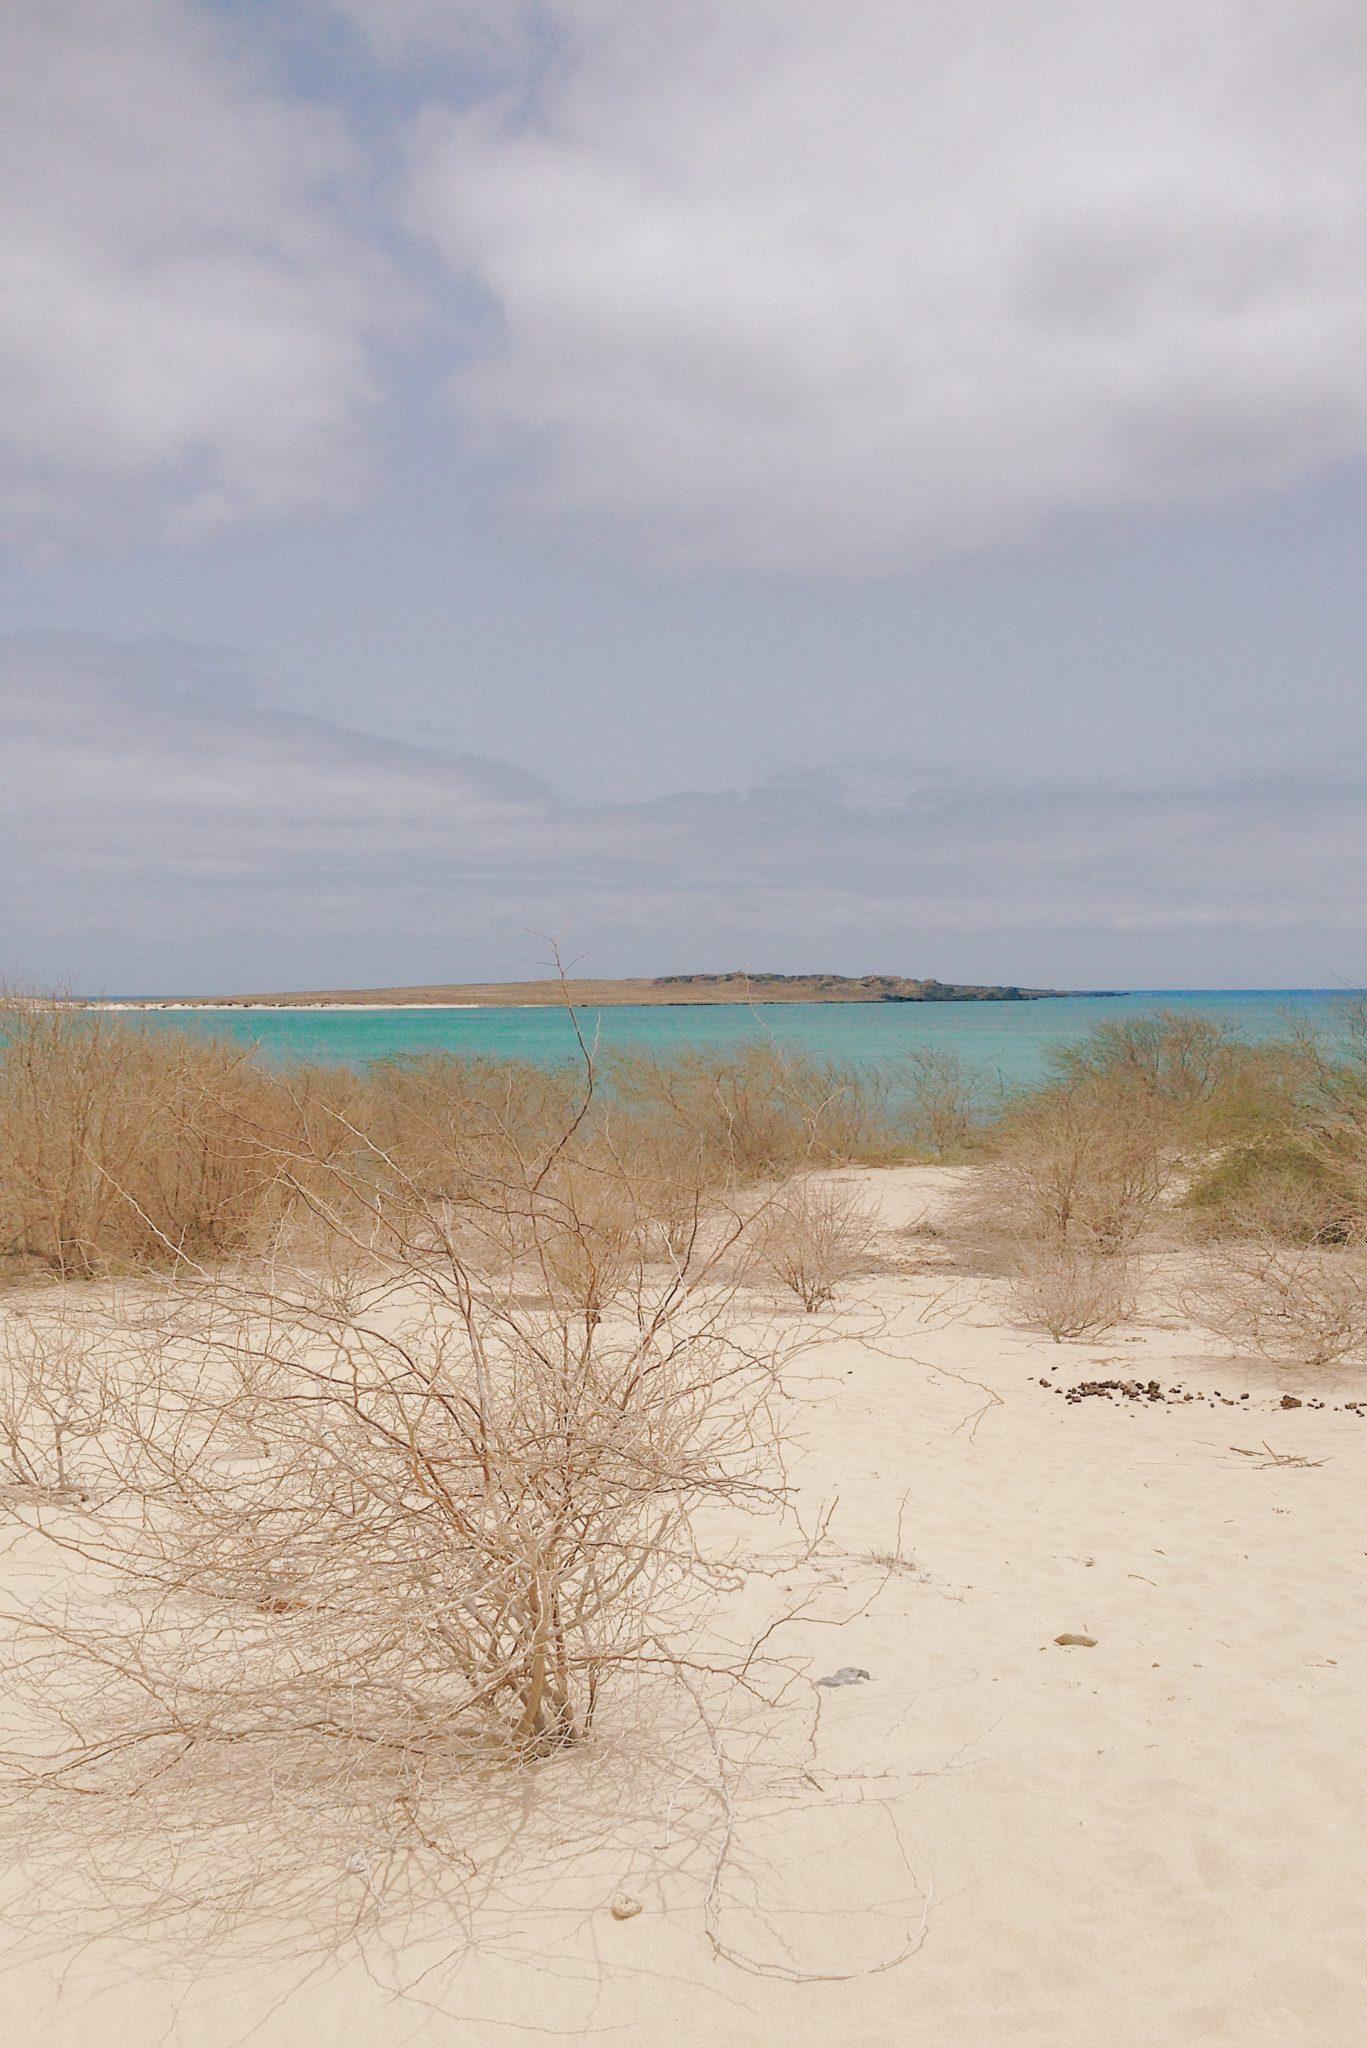 Des dunes de sable blanc à perte de vue